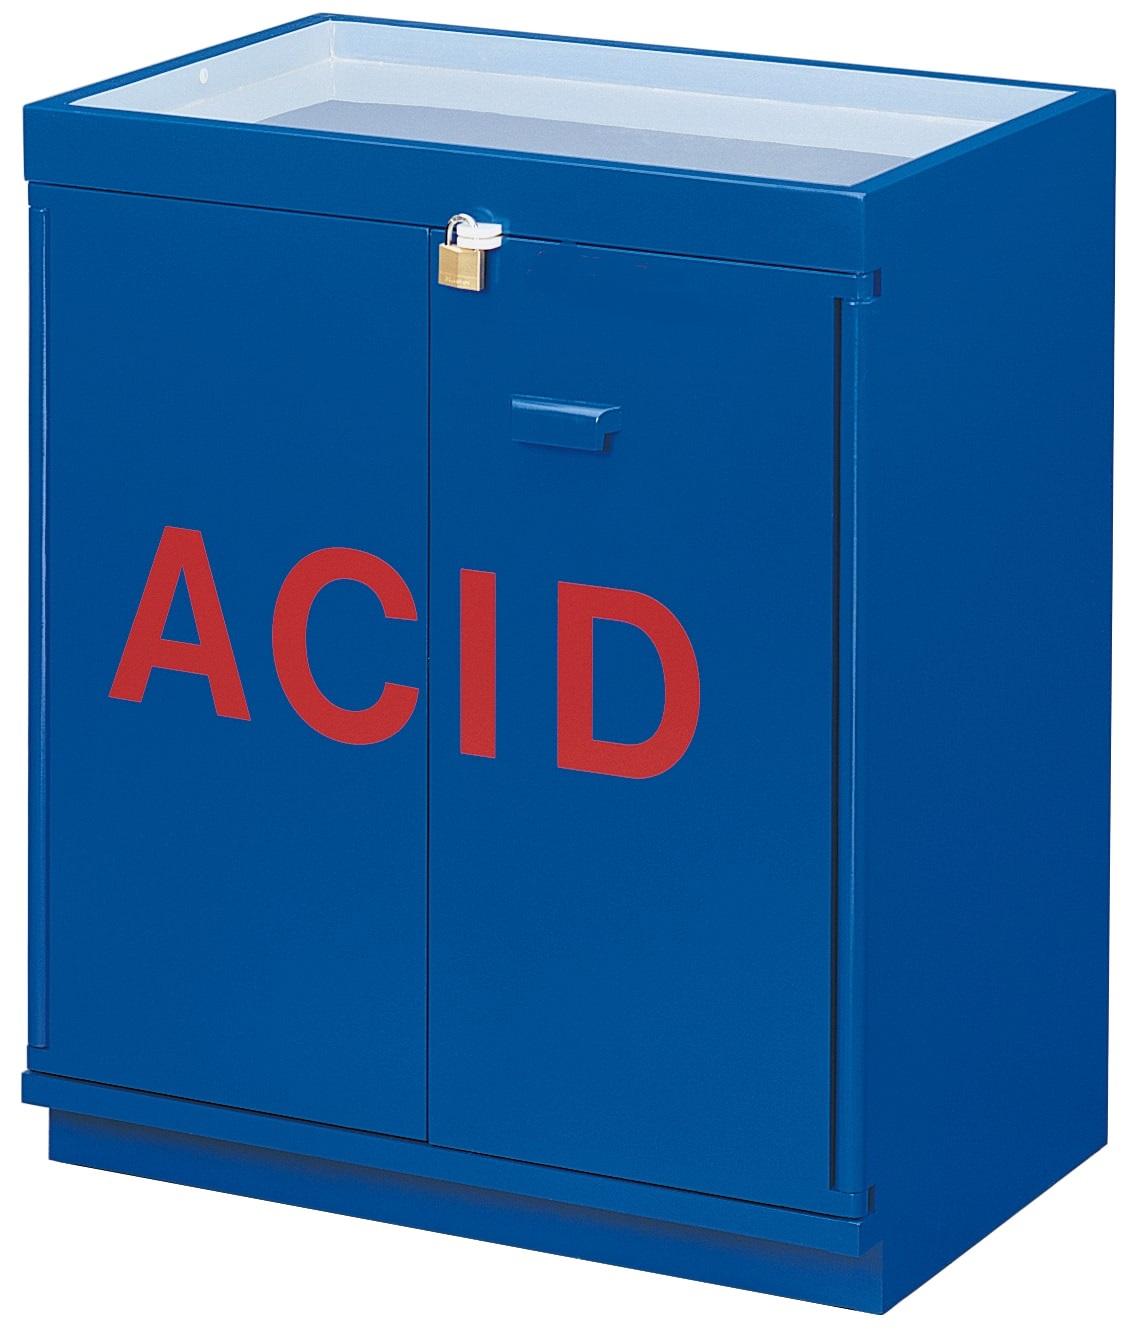 Acid Storage Best Design 2017